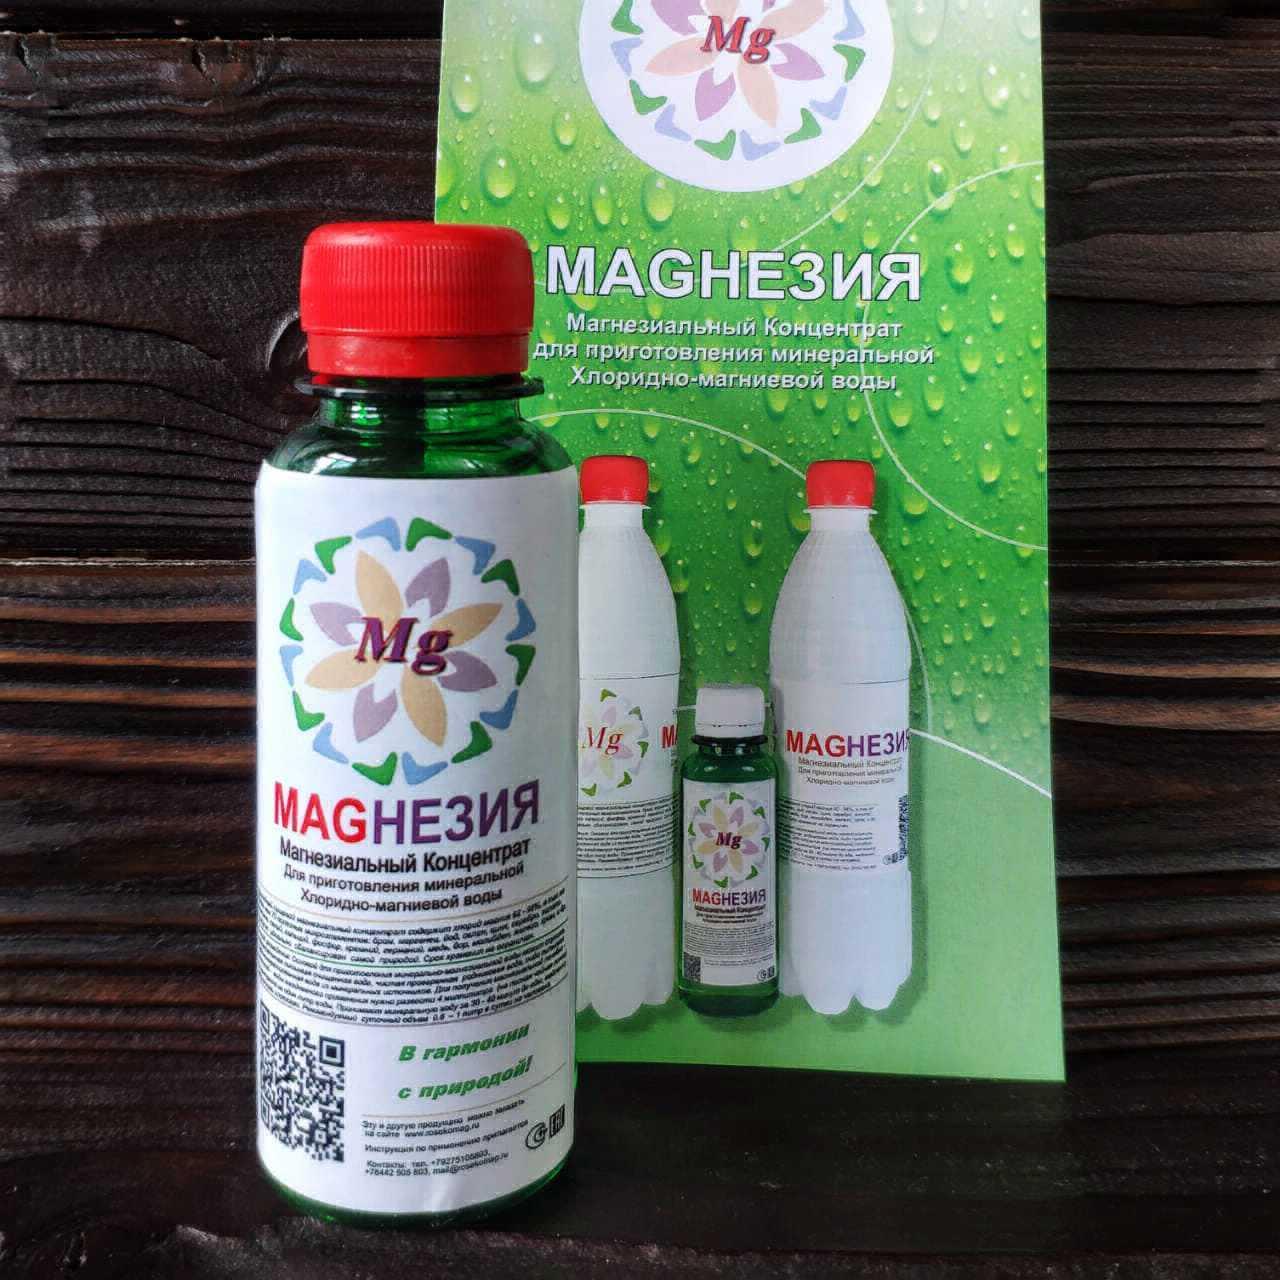 Фотография Магнезиальный концентрат Magнезия/ ПРЕДЗАКАЗ / 100 мл купить в магазине Афлора